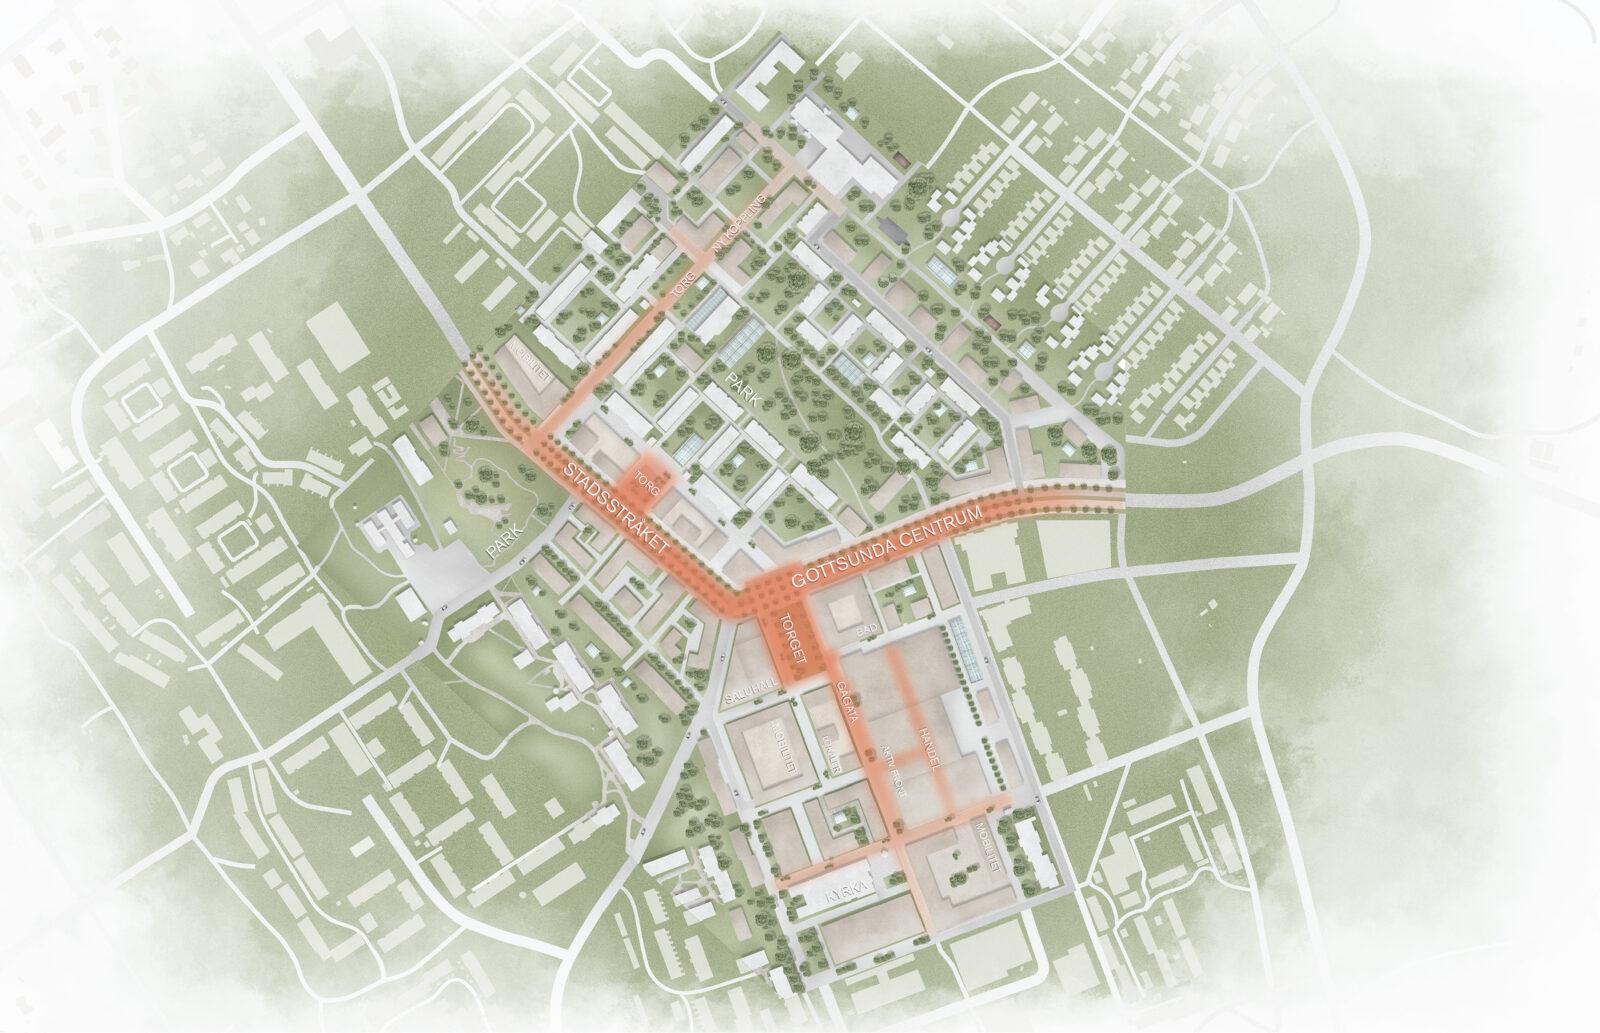 KjellanderSjoberg Gottsunda Site plan Sv 3600x2324px